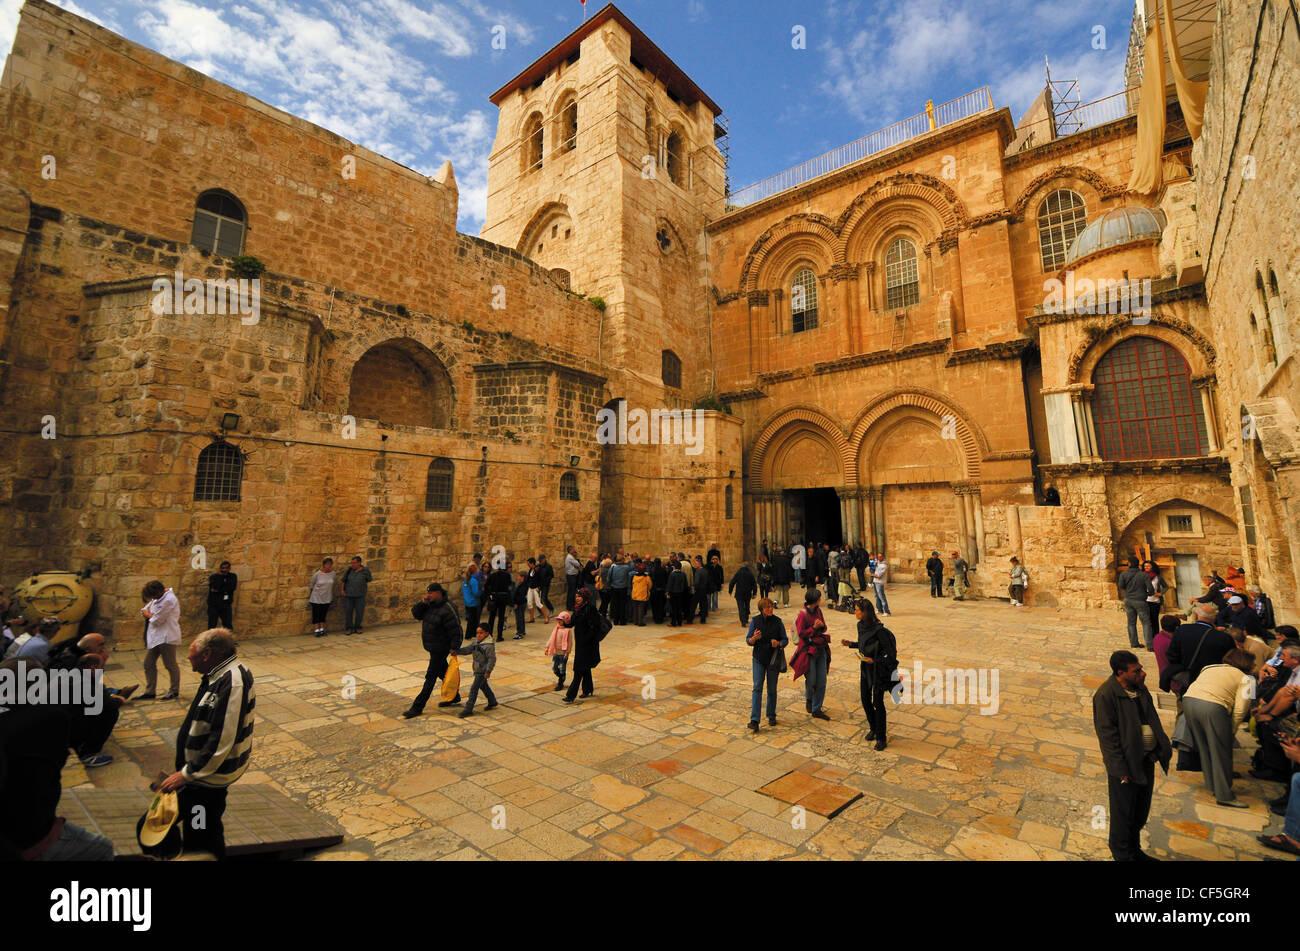 La iglesia del Santo Sepulcro en Jerusalén, Israel Imagen De Stock